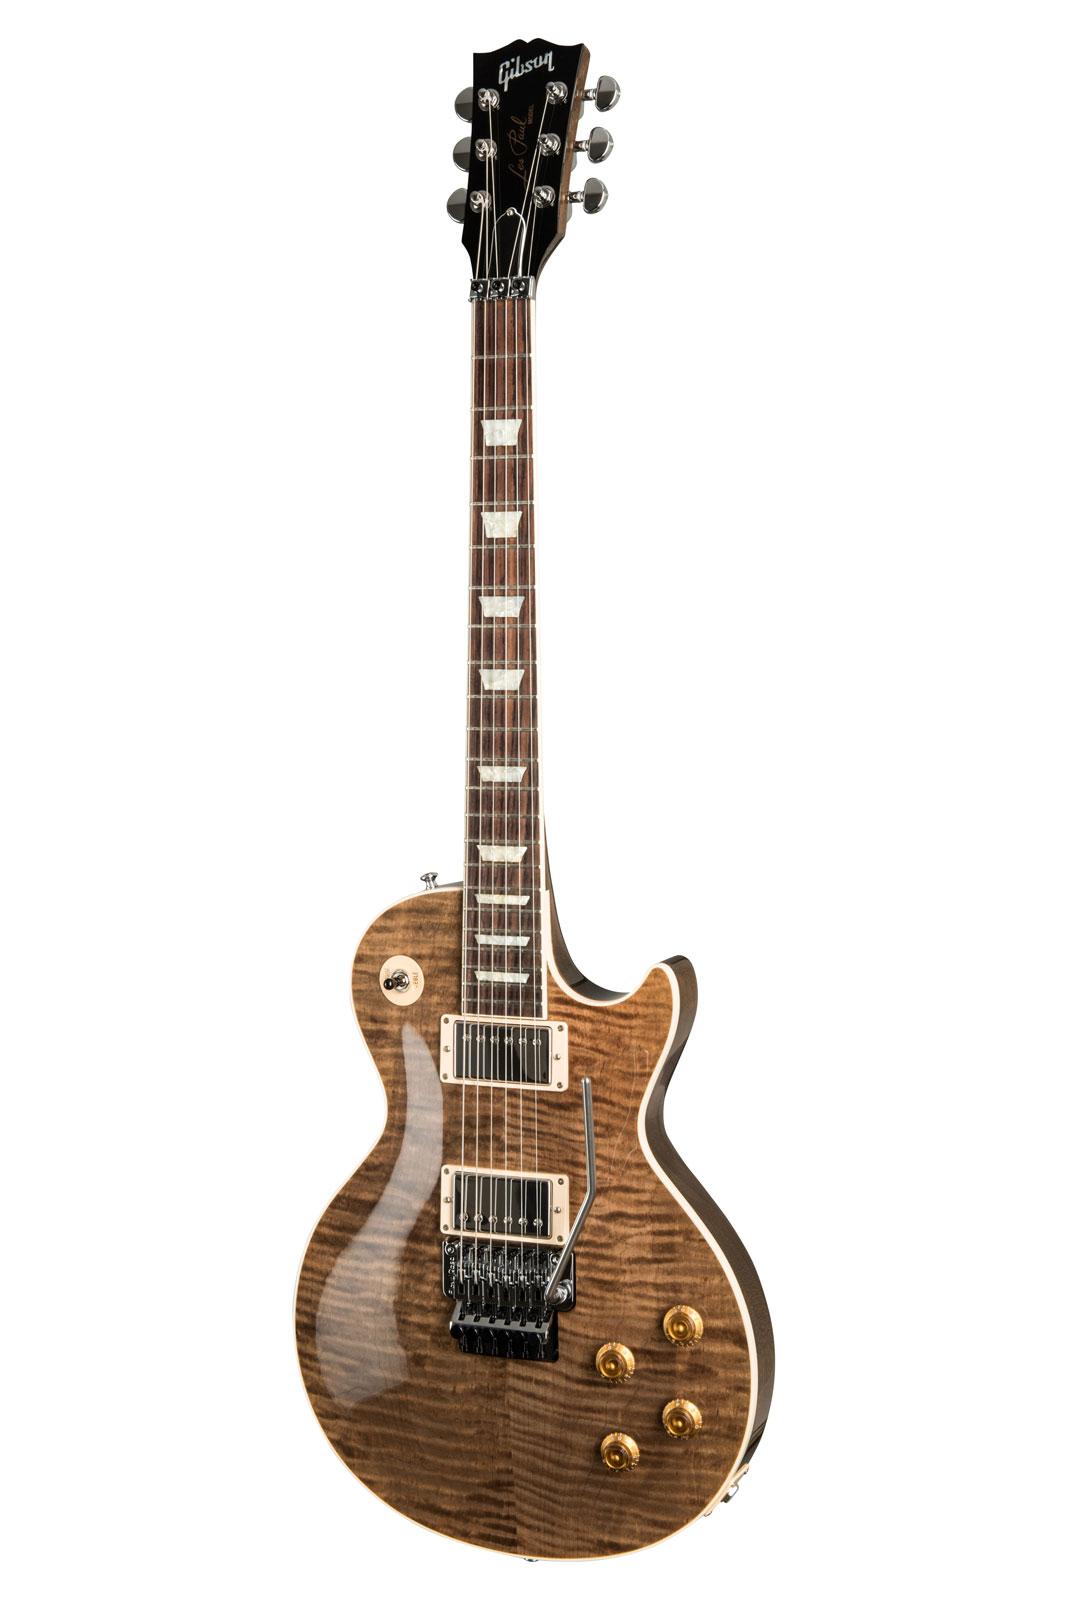 Gibson Les Paul Axcess Standard Figured Floyd Rose Gloss Dc Rust